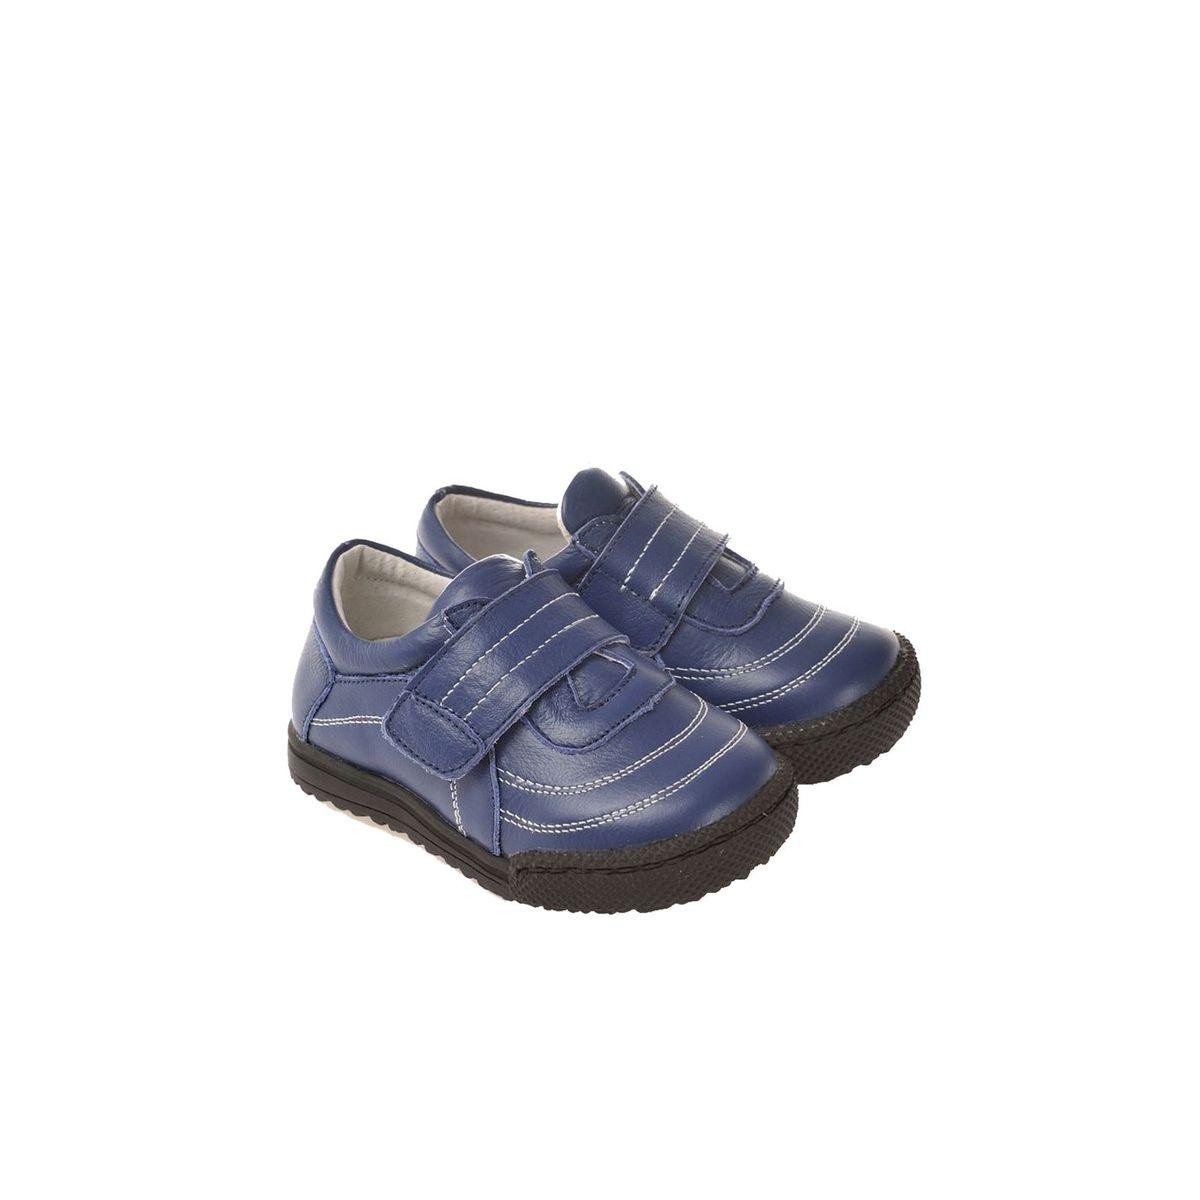 Chaussures semelle souple ultra résistante Baskets à gros scratch